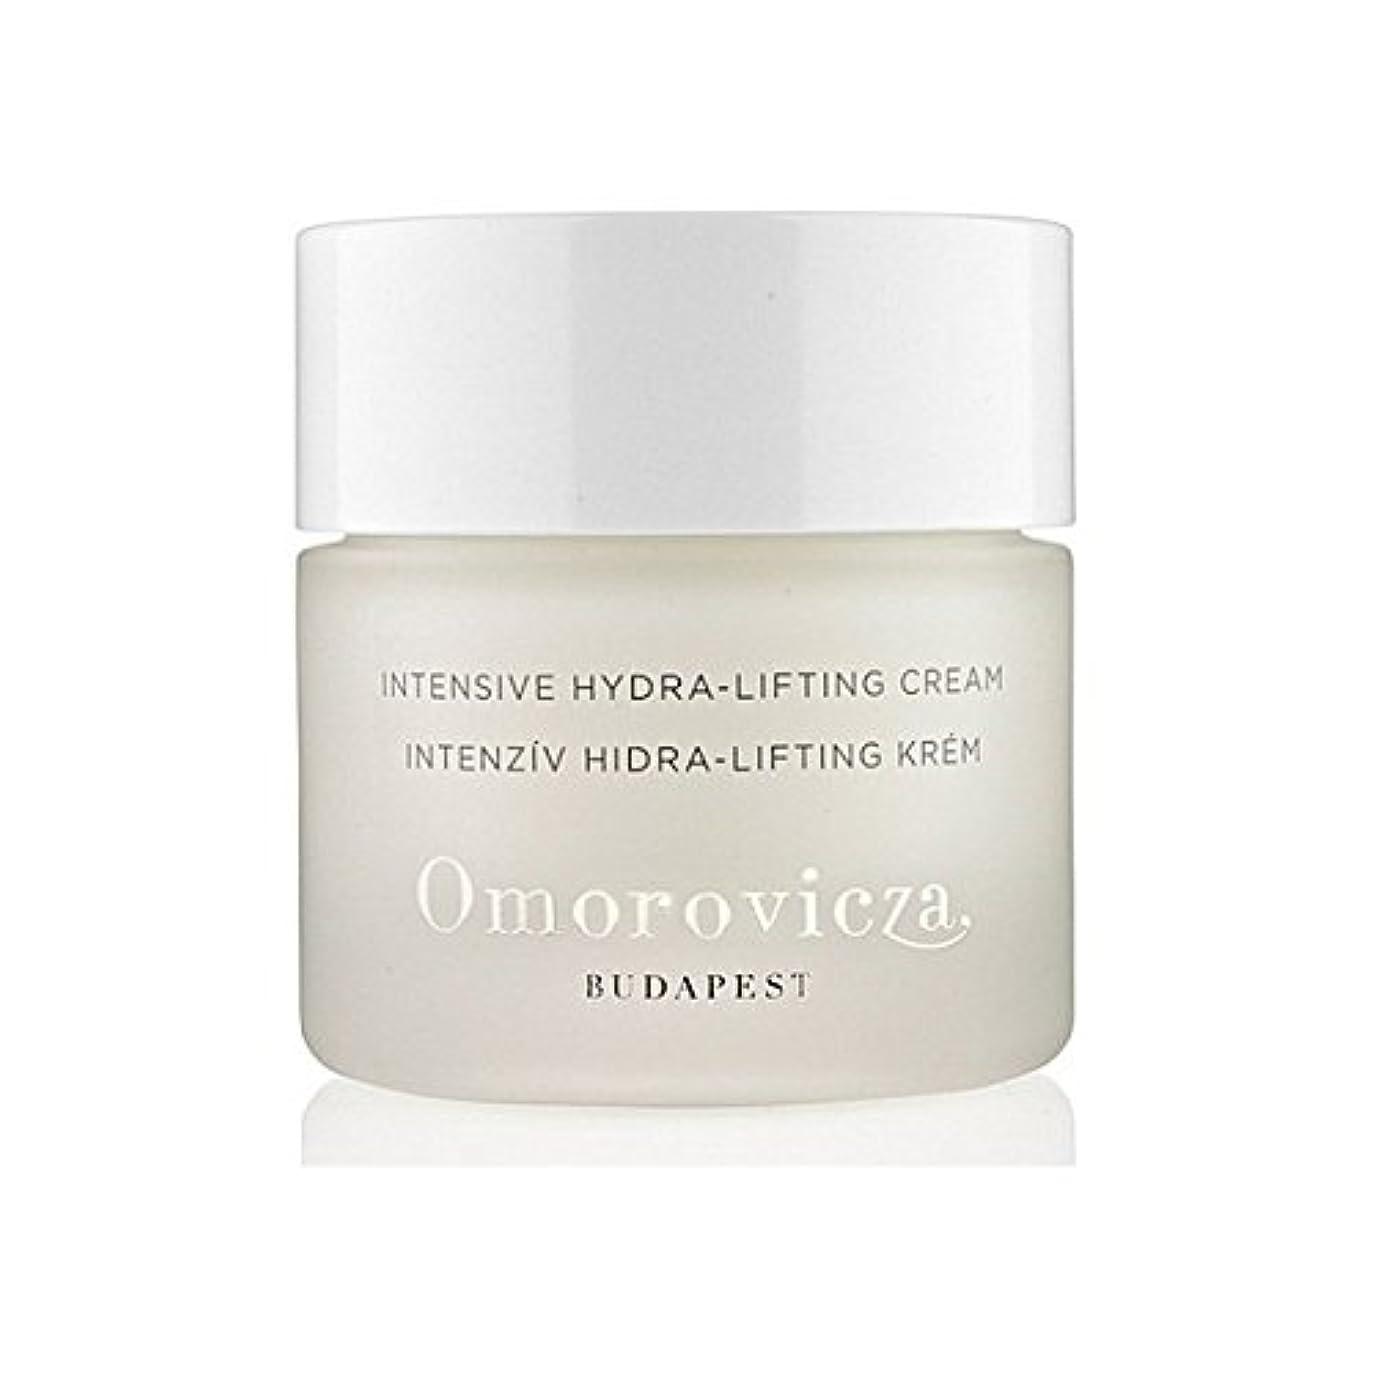 バルーンキリマンジャロクロス集中的なヒドラリフティングクリーム50 x4 - Omorovicza Intensive Hydra-Lifting Cream 50Ml (Pack of 4) [並行輸入品]